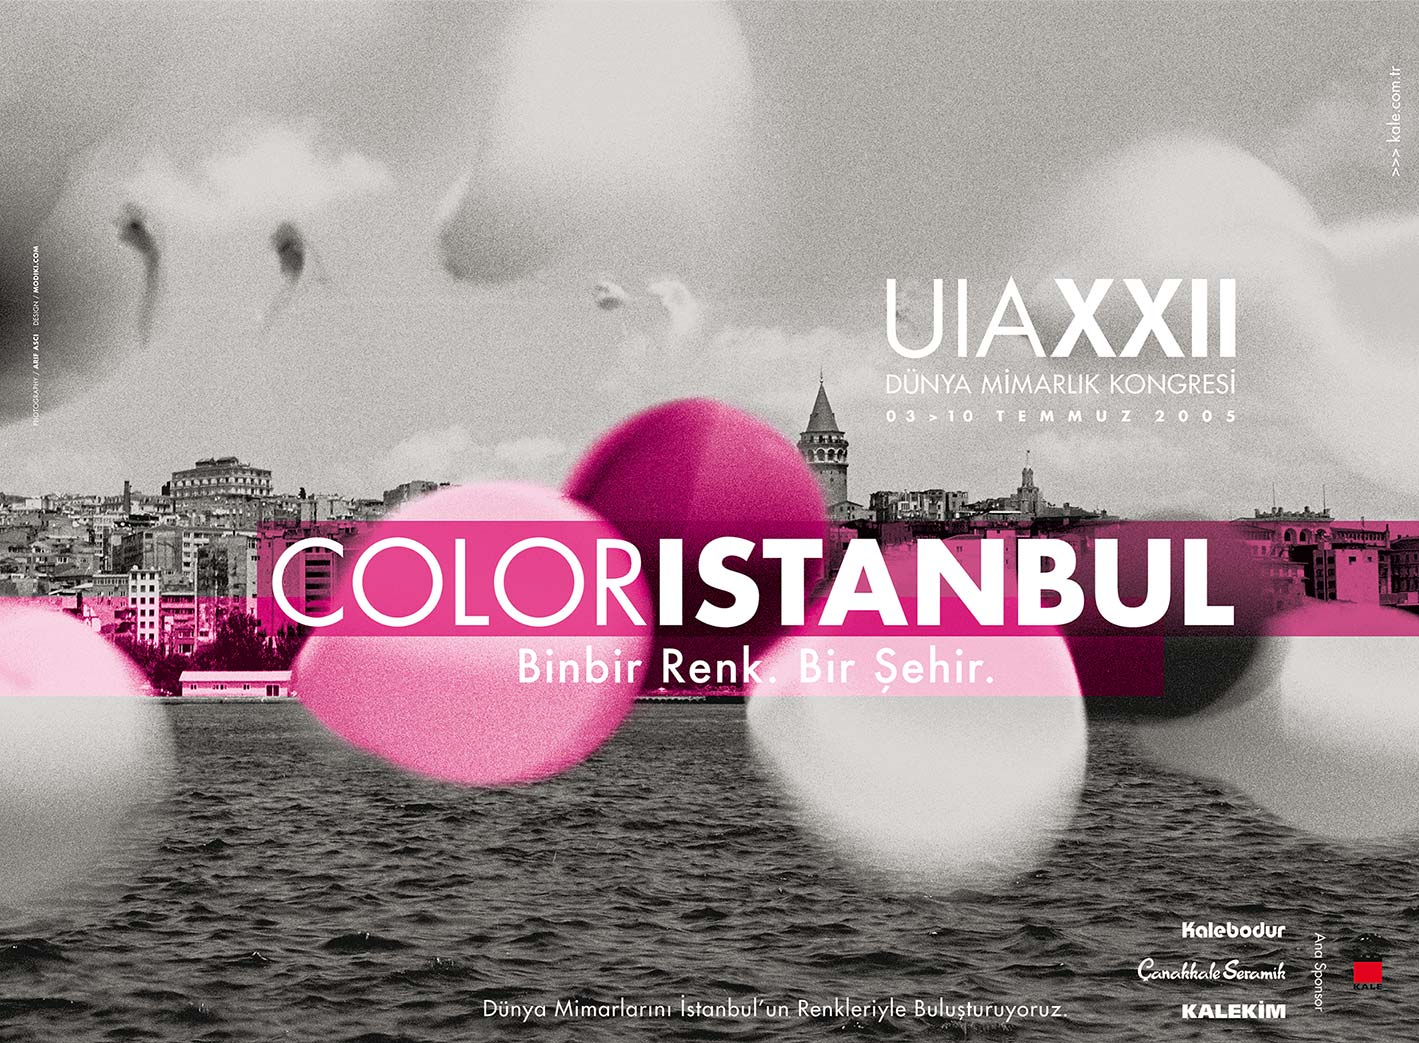 UIAXXII Dünya Mimarlık Kongresi